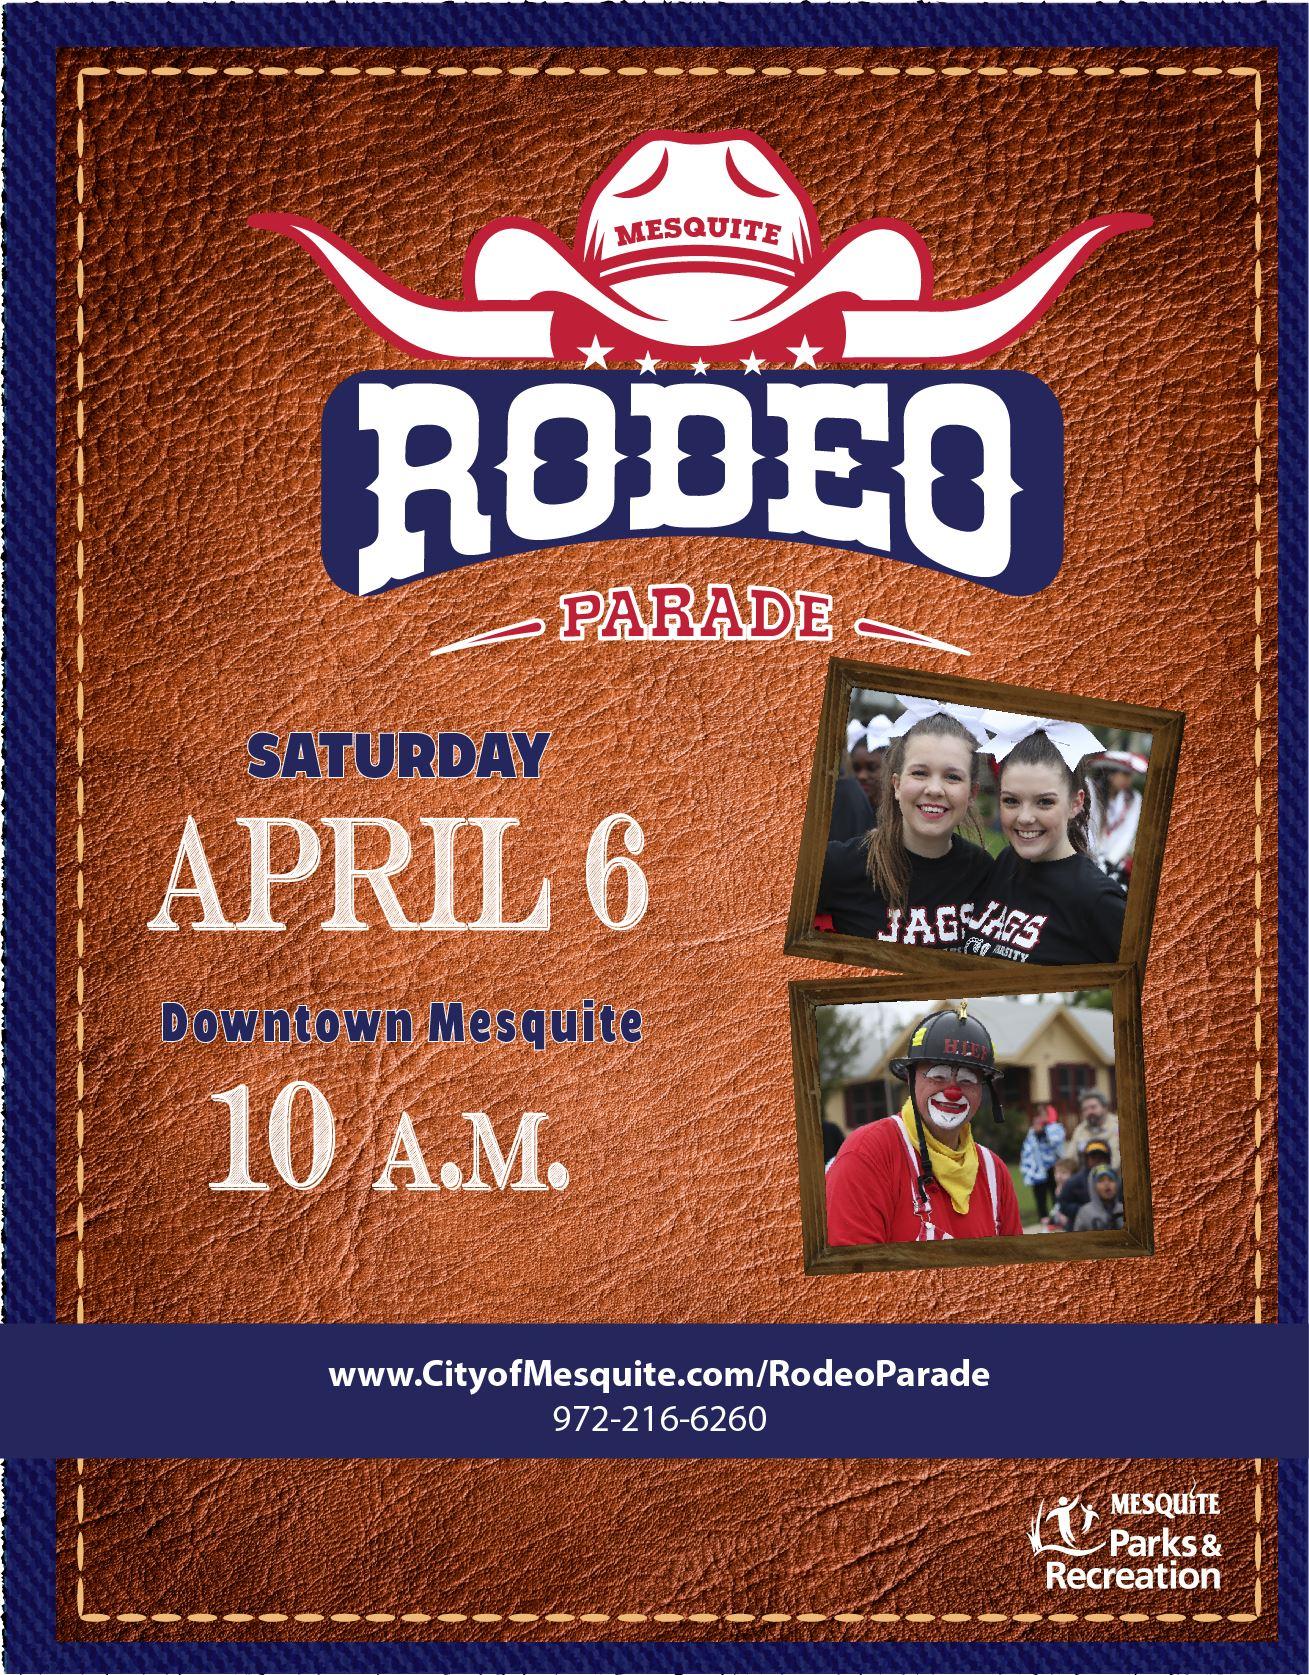 Rodeo Parade 2019 Mesquite Tx Official Website